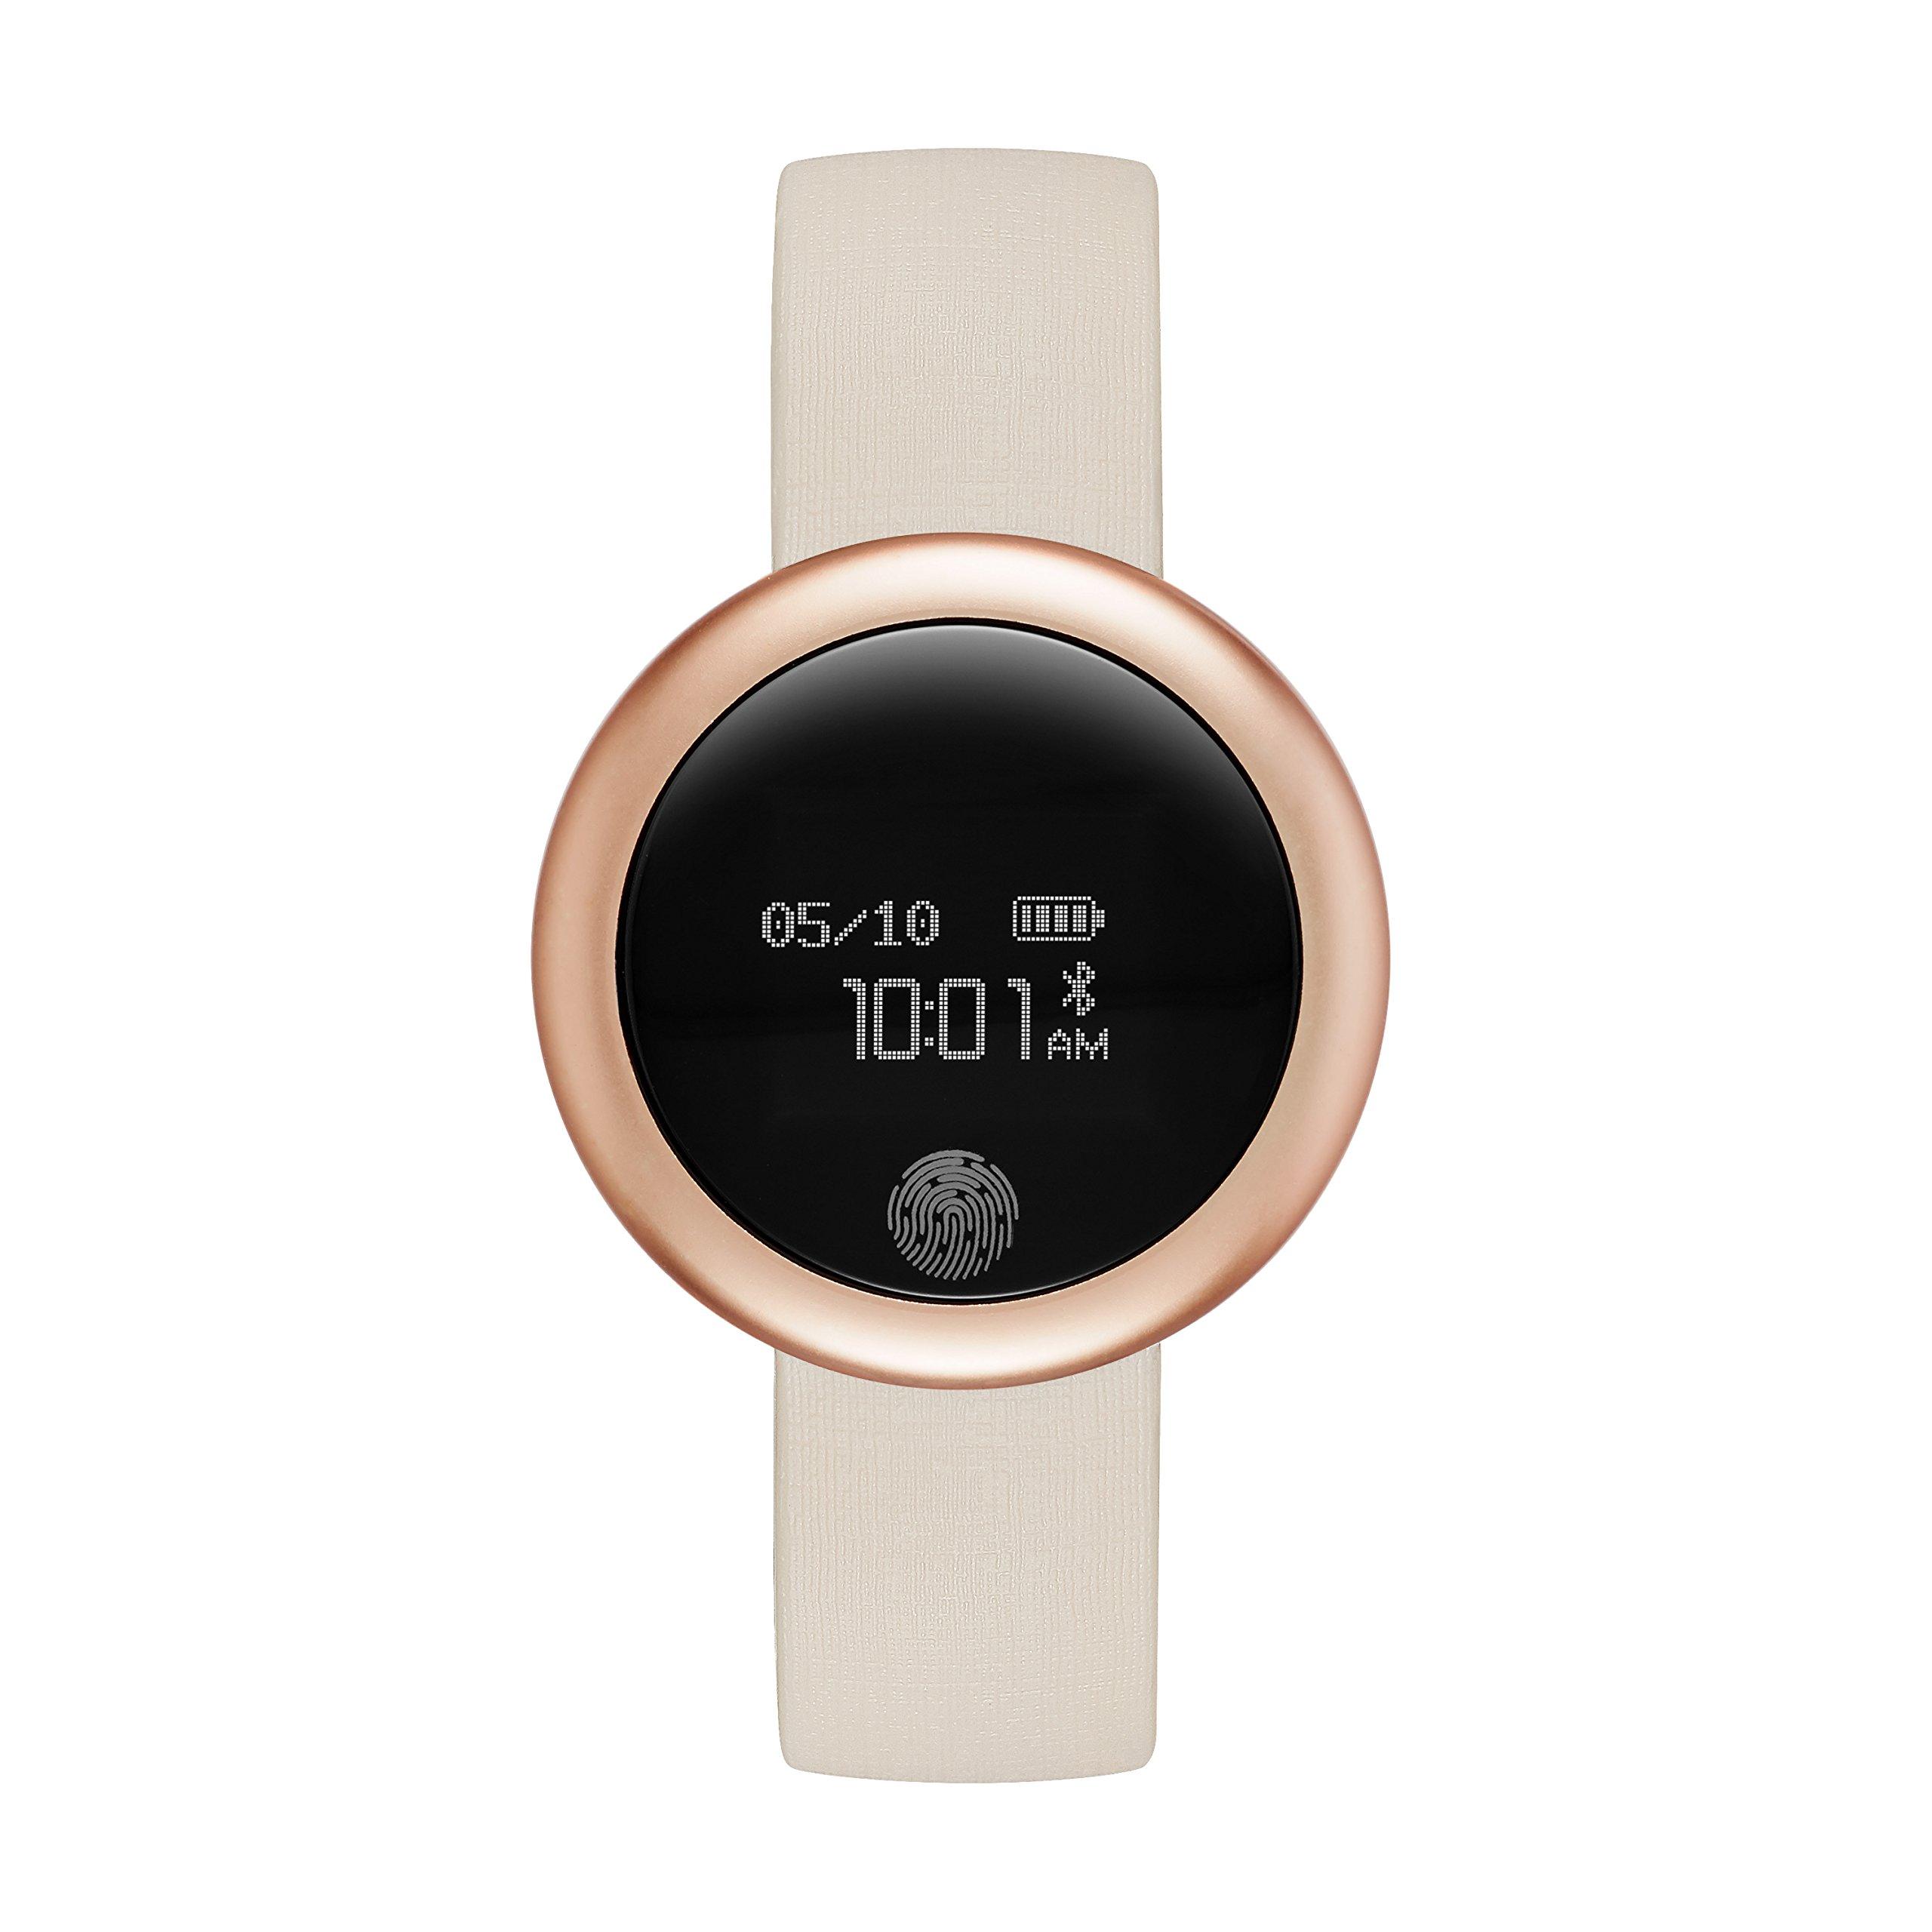 Emotion Unisex Metal and Rubber Smartwatch, Color: Rose Gold-Tone, Light Pink (Model: FMDEM005)